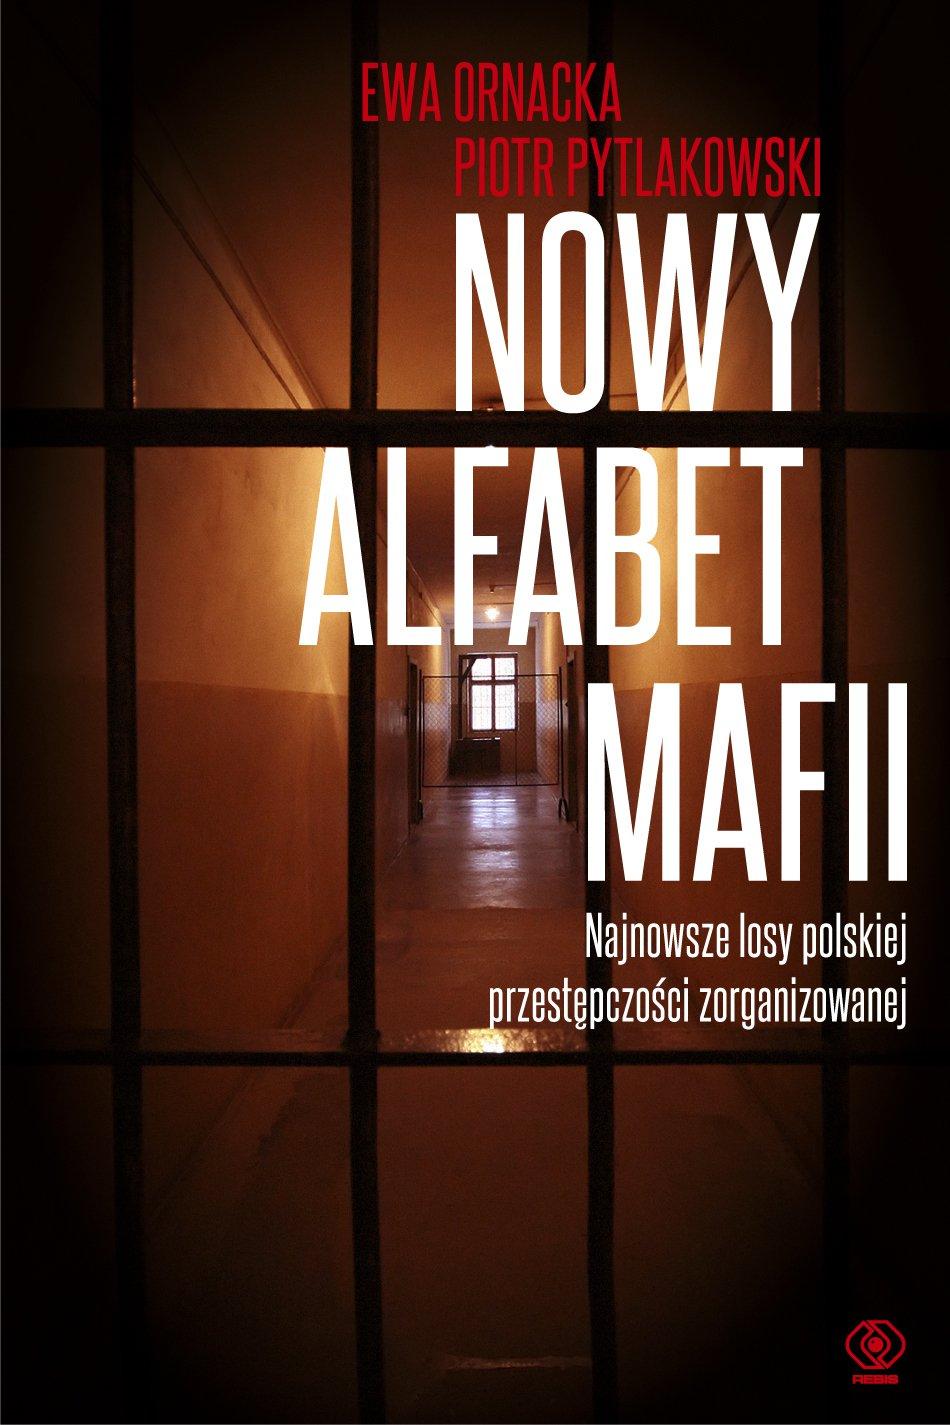 Nowy alfabet mafii - Ebook (Książka EPUB) do pobrania w formacie EPUB